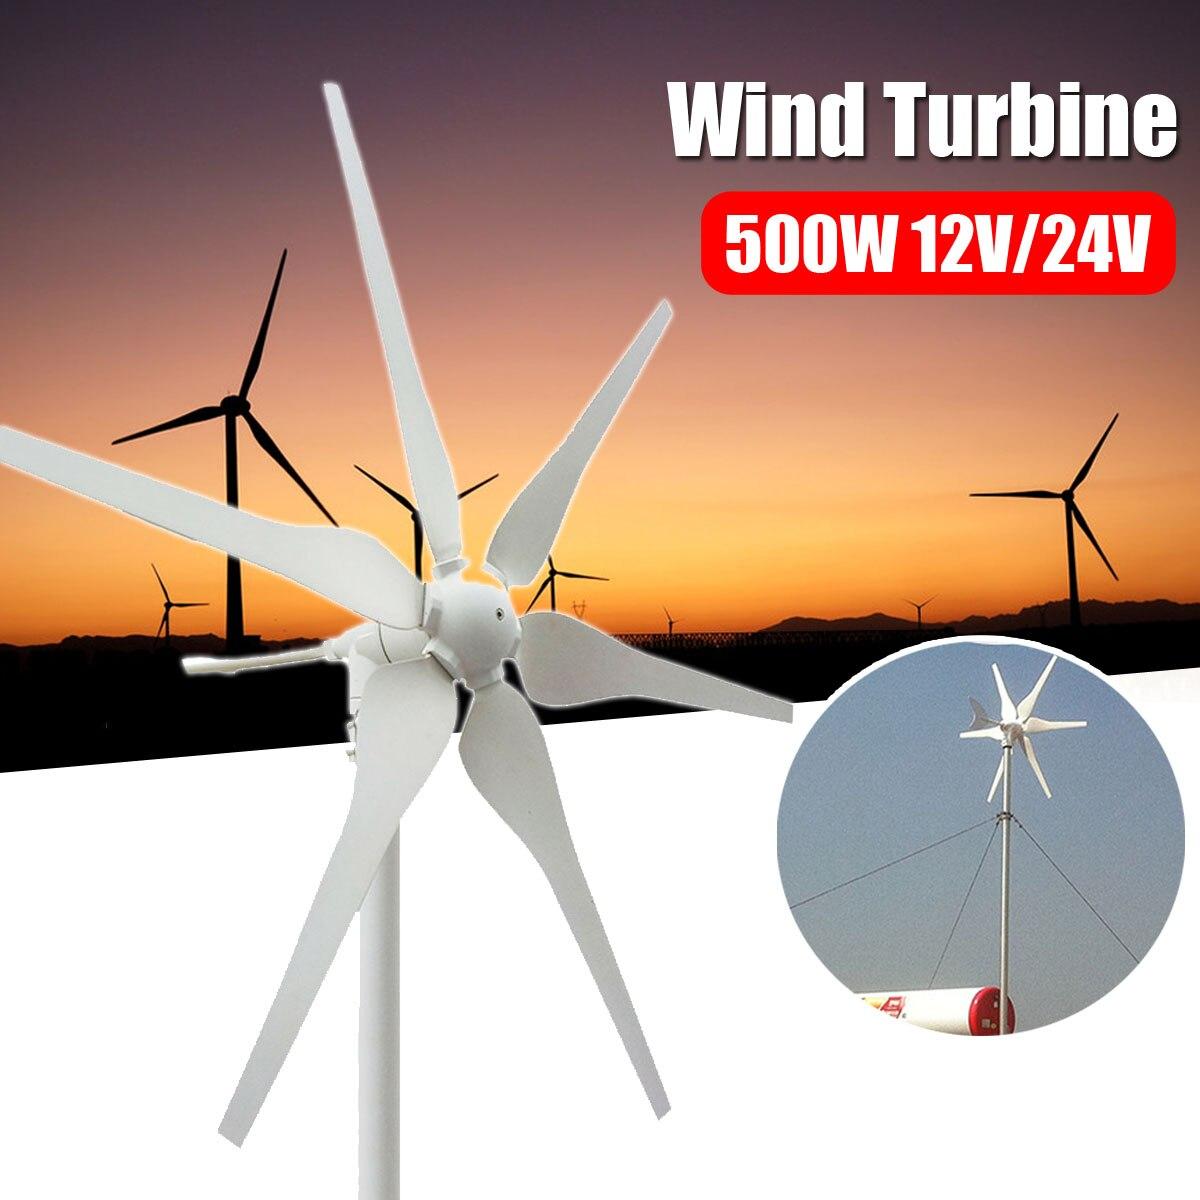 В 500 Вт 12 В/24 В экологические 6 лезвий мини ветровые турбины генератор энергии миниатюрные ветровые турбины жилой дом с контроллером